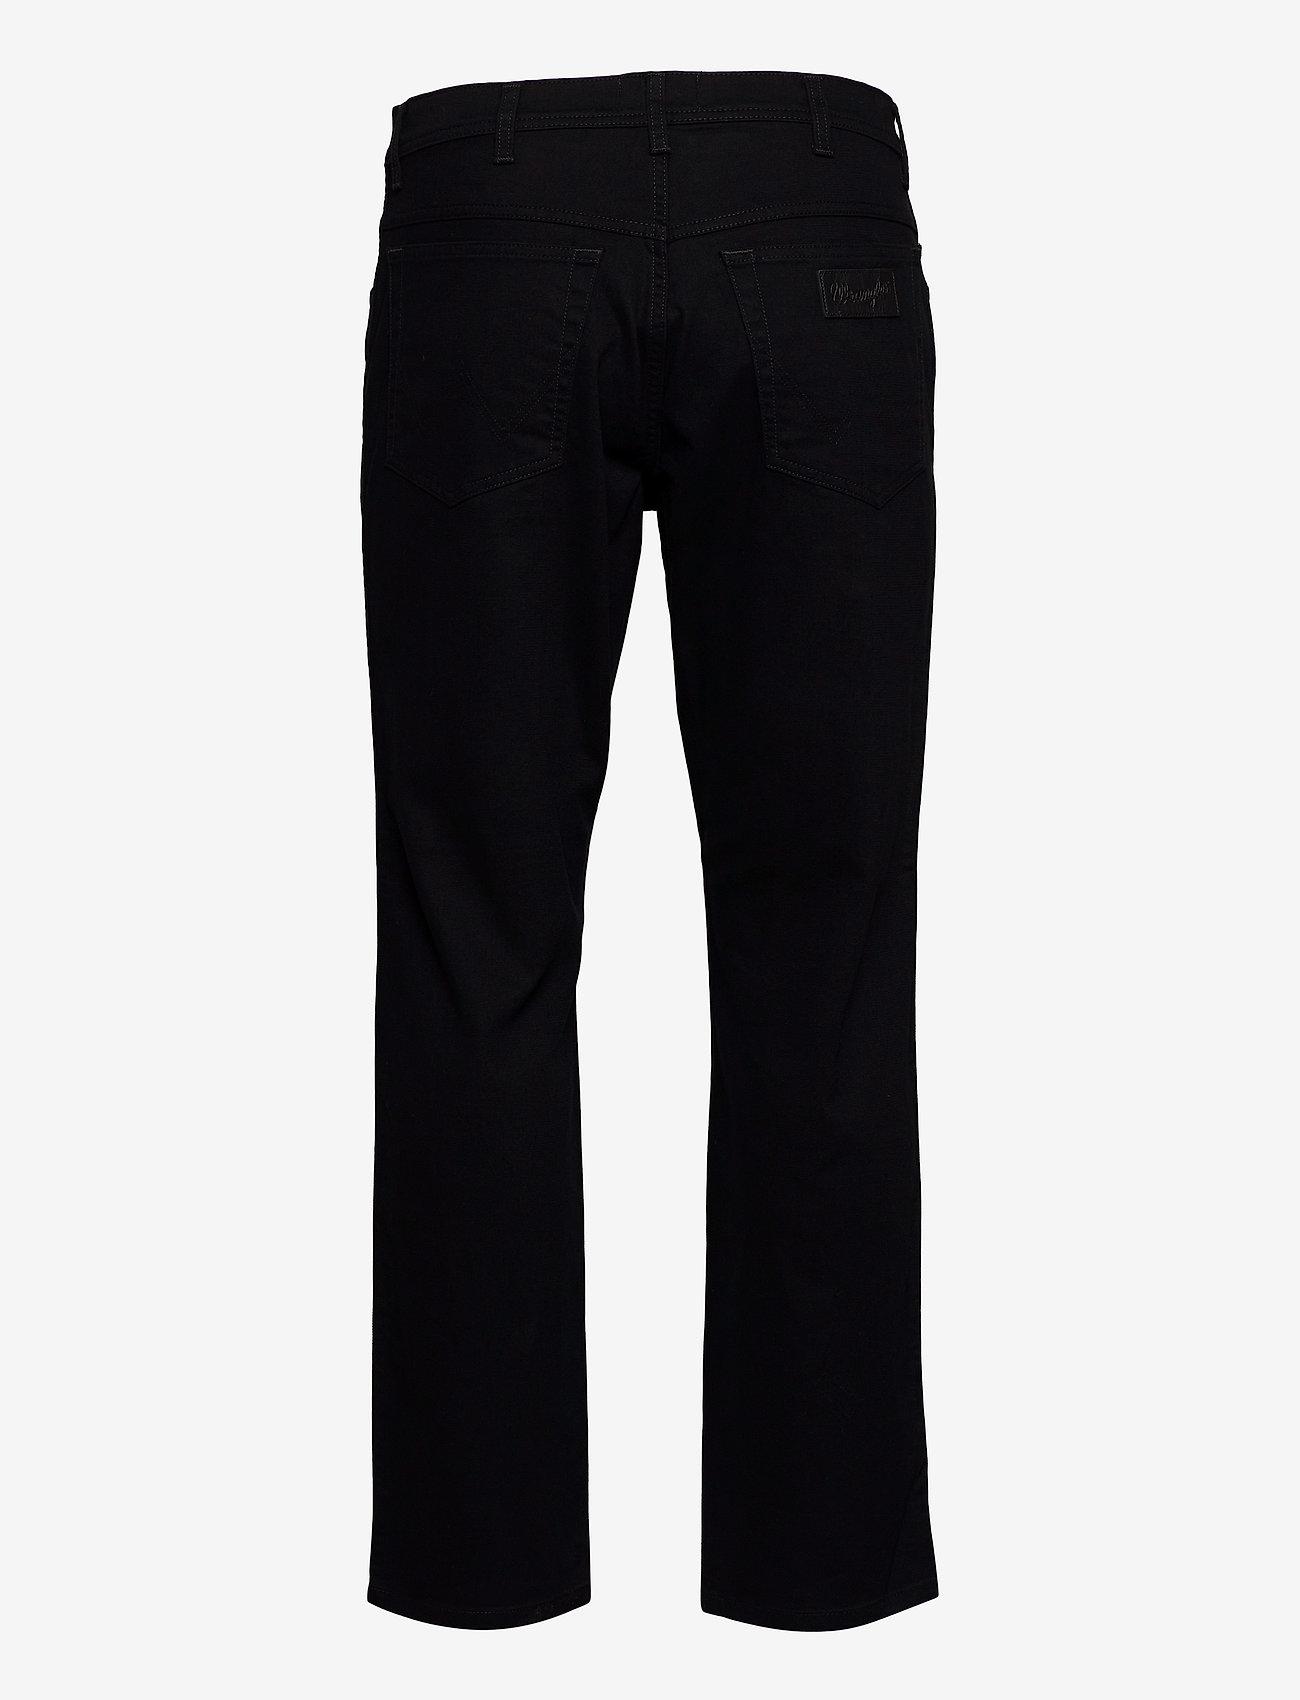 Wrangler TEXAS - Jeans BLACK - Menn Klær